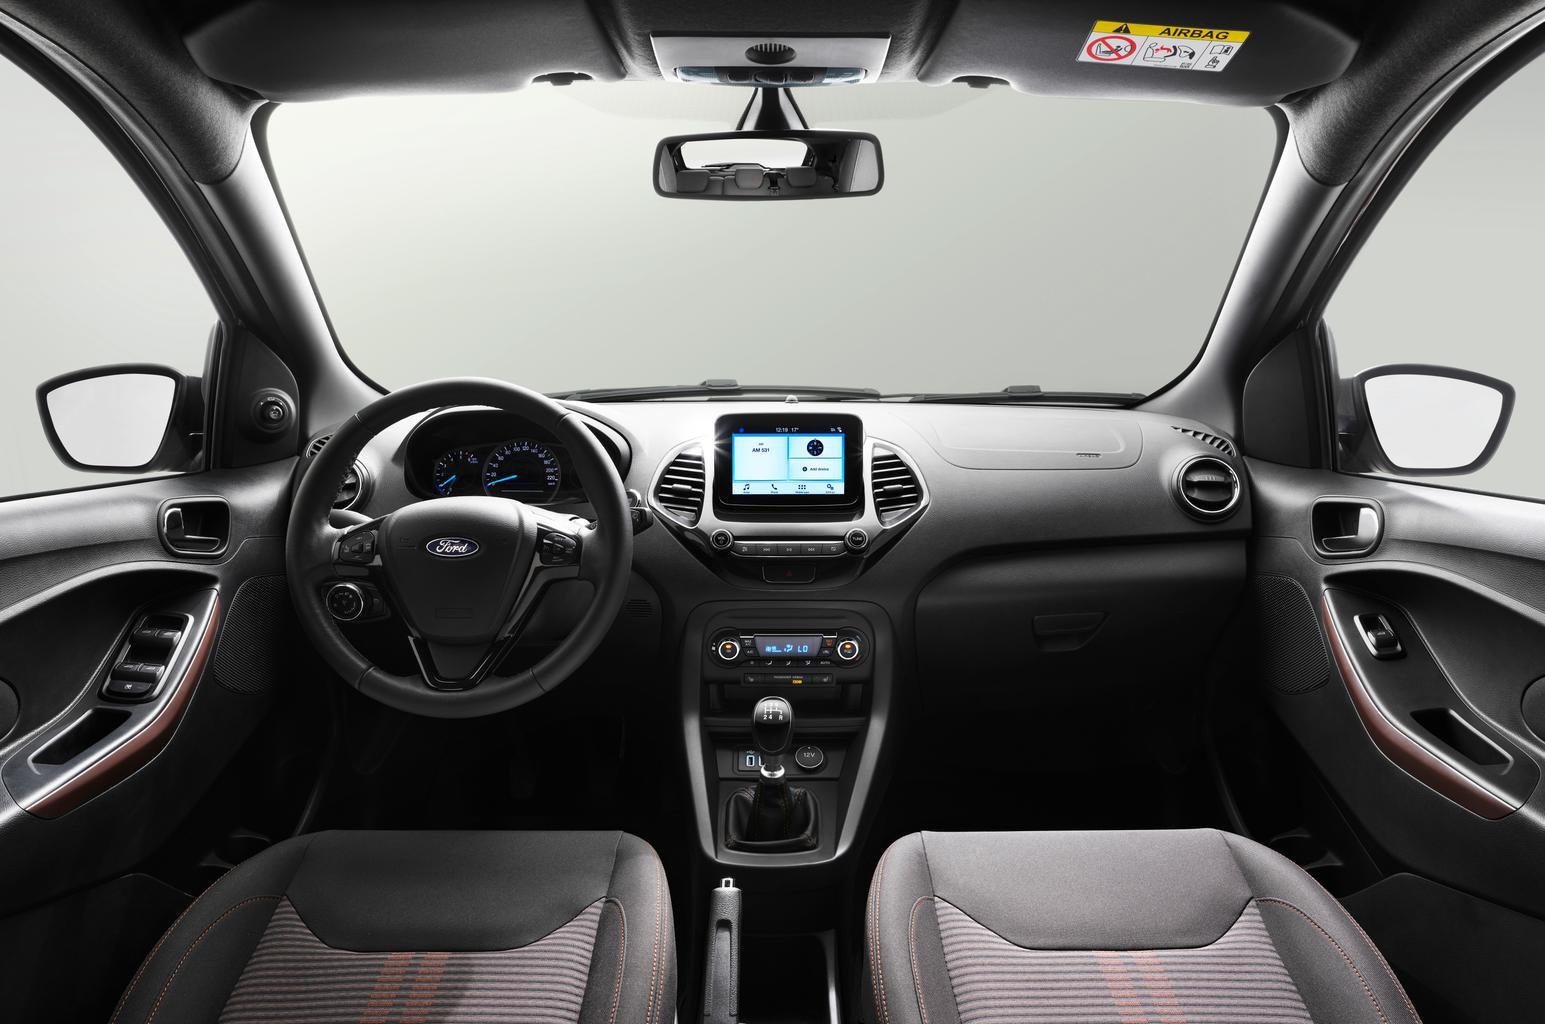 2018 Ford Ka+ revealed